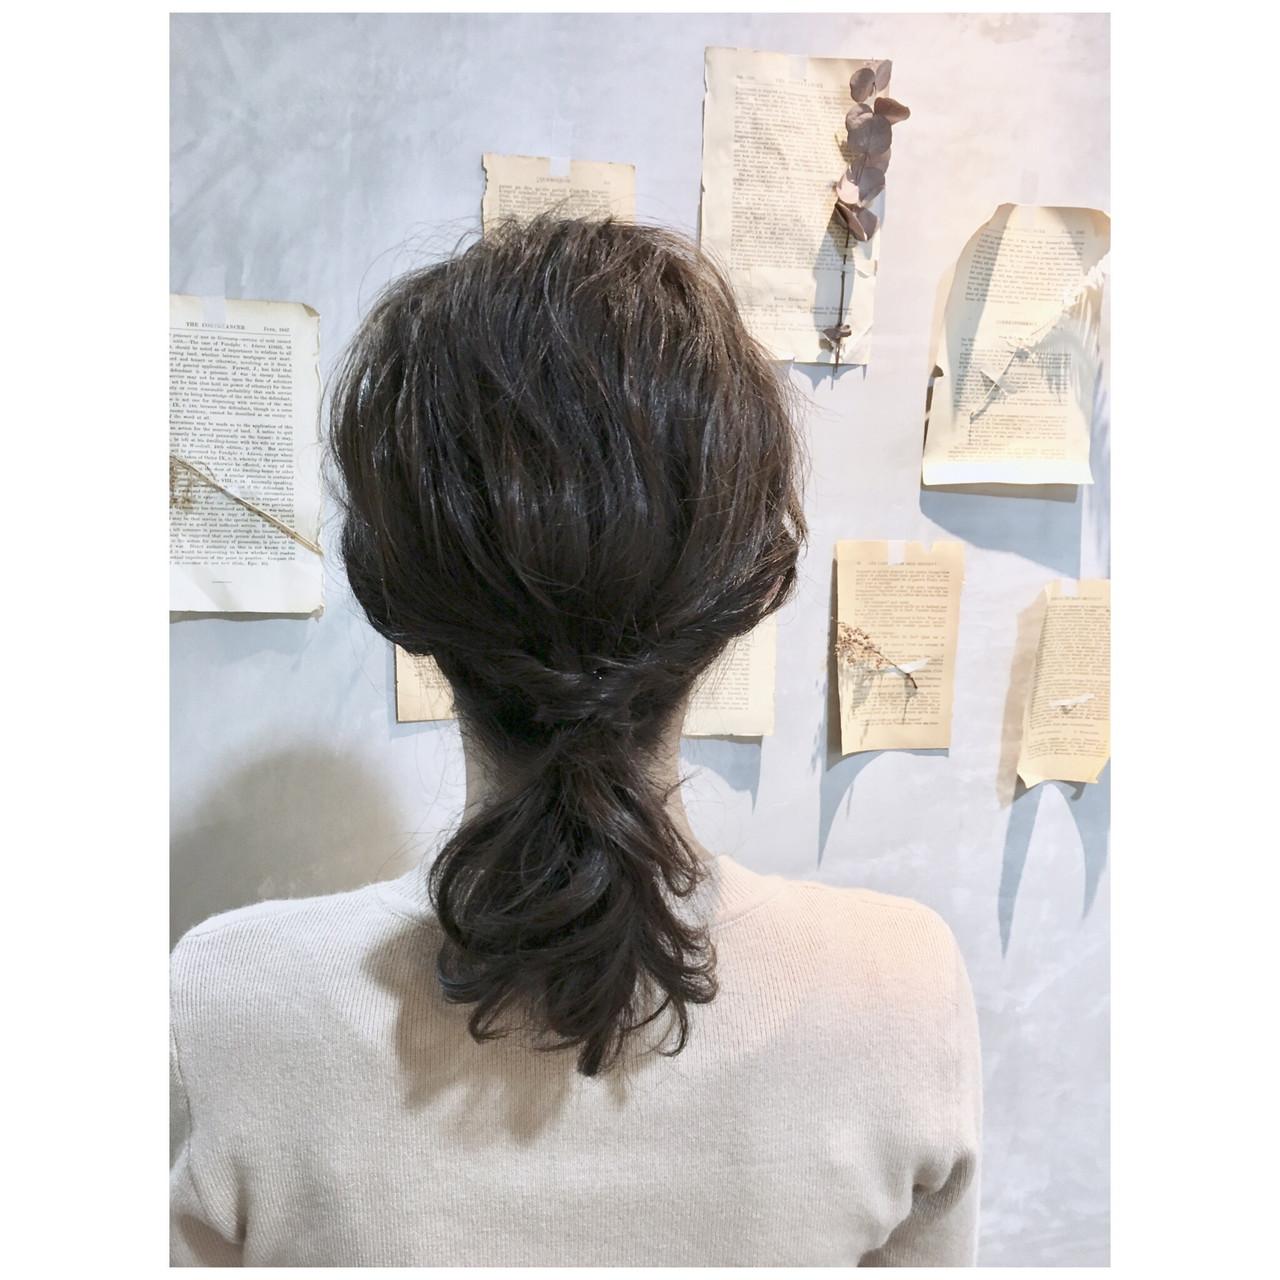 ベージュ ヘアアレンジ スモーキーカラー ミディアム ヘアスタイルや髪型の写真・画像